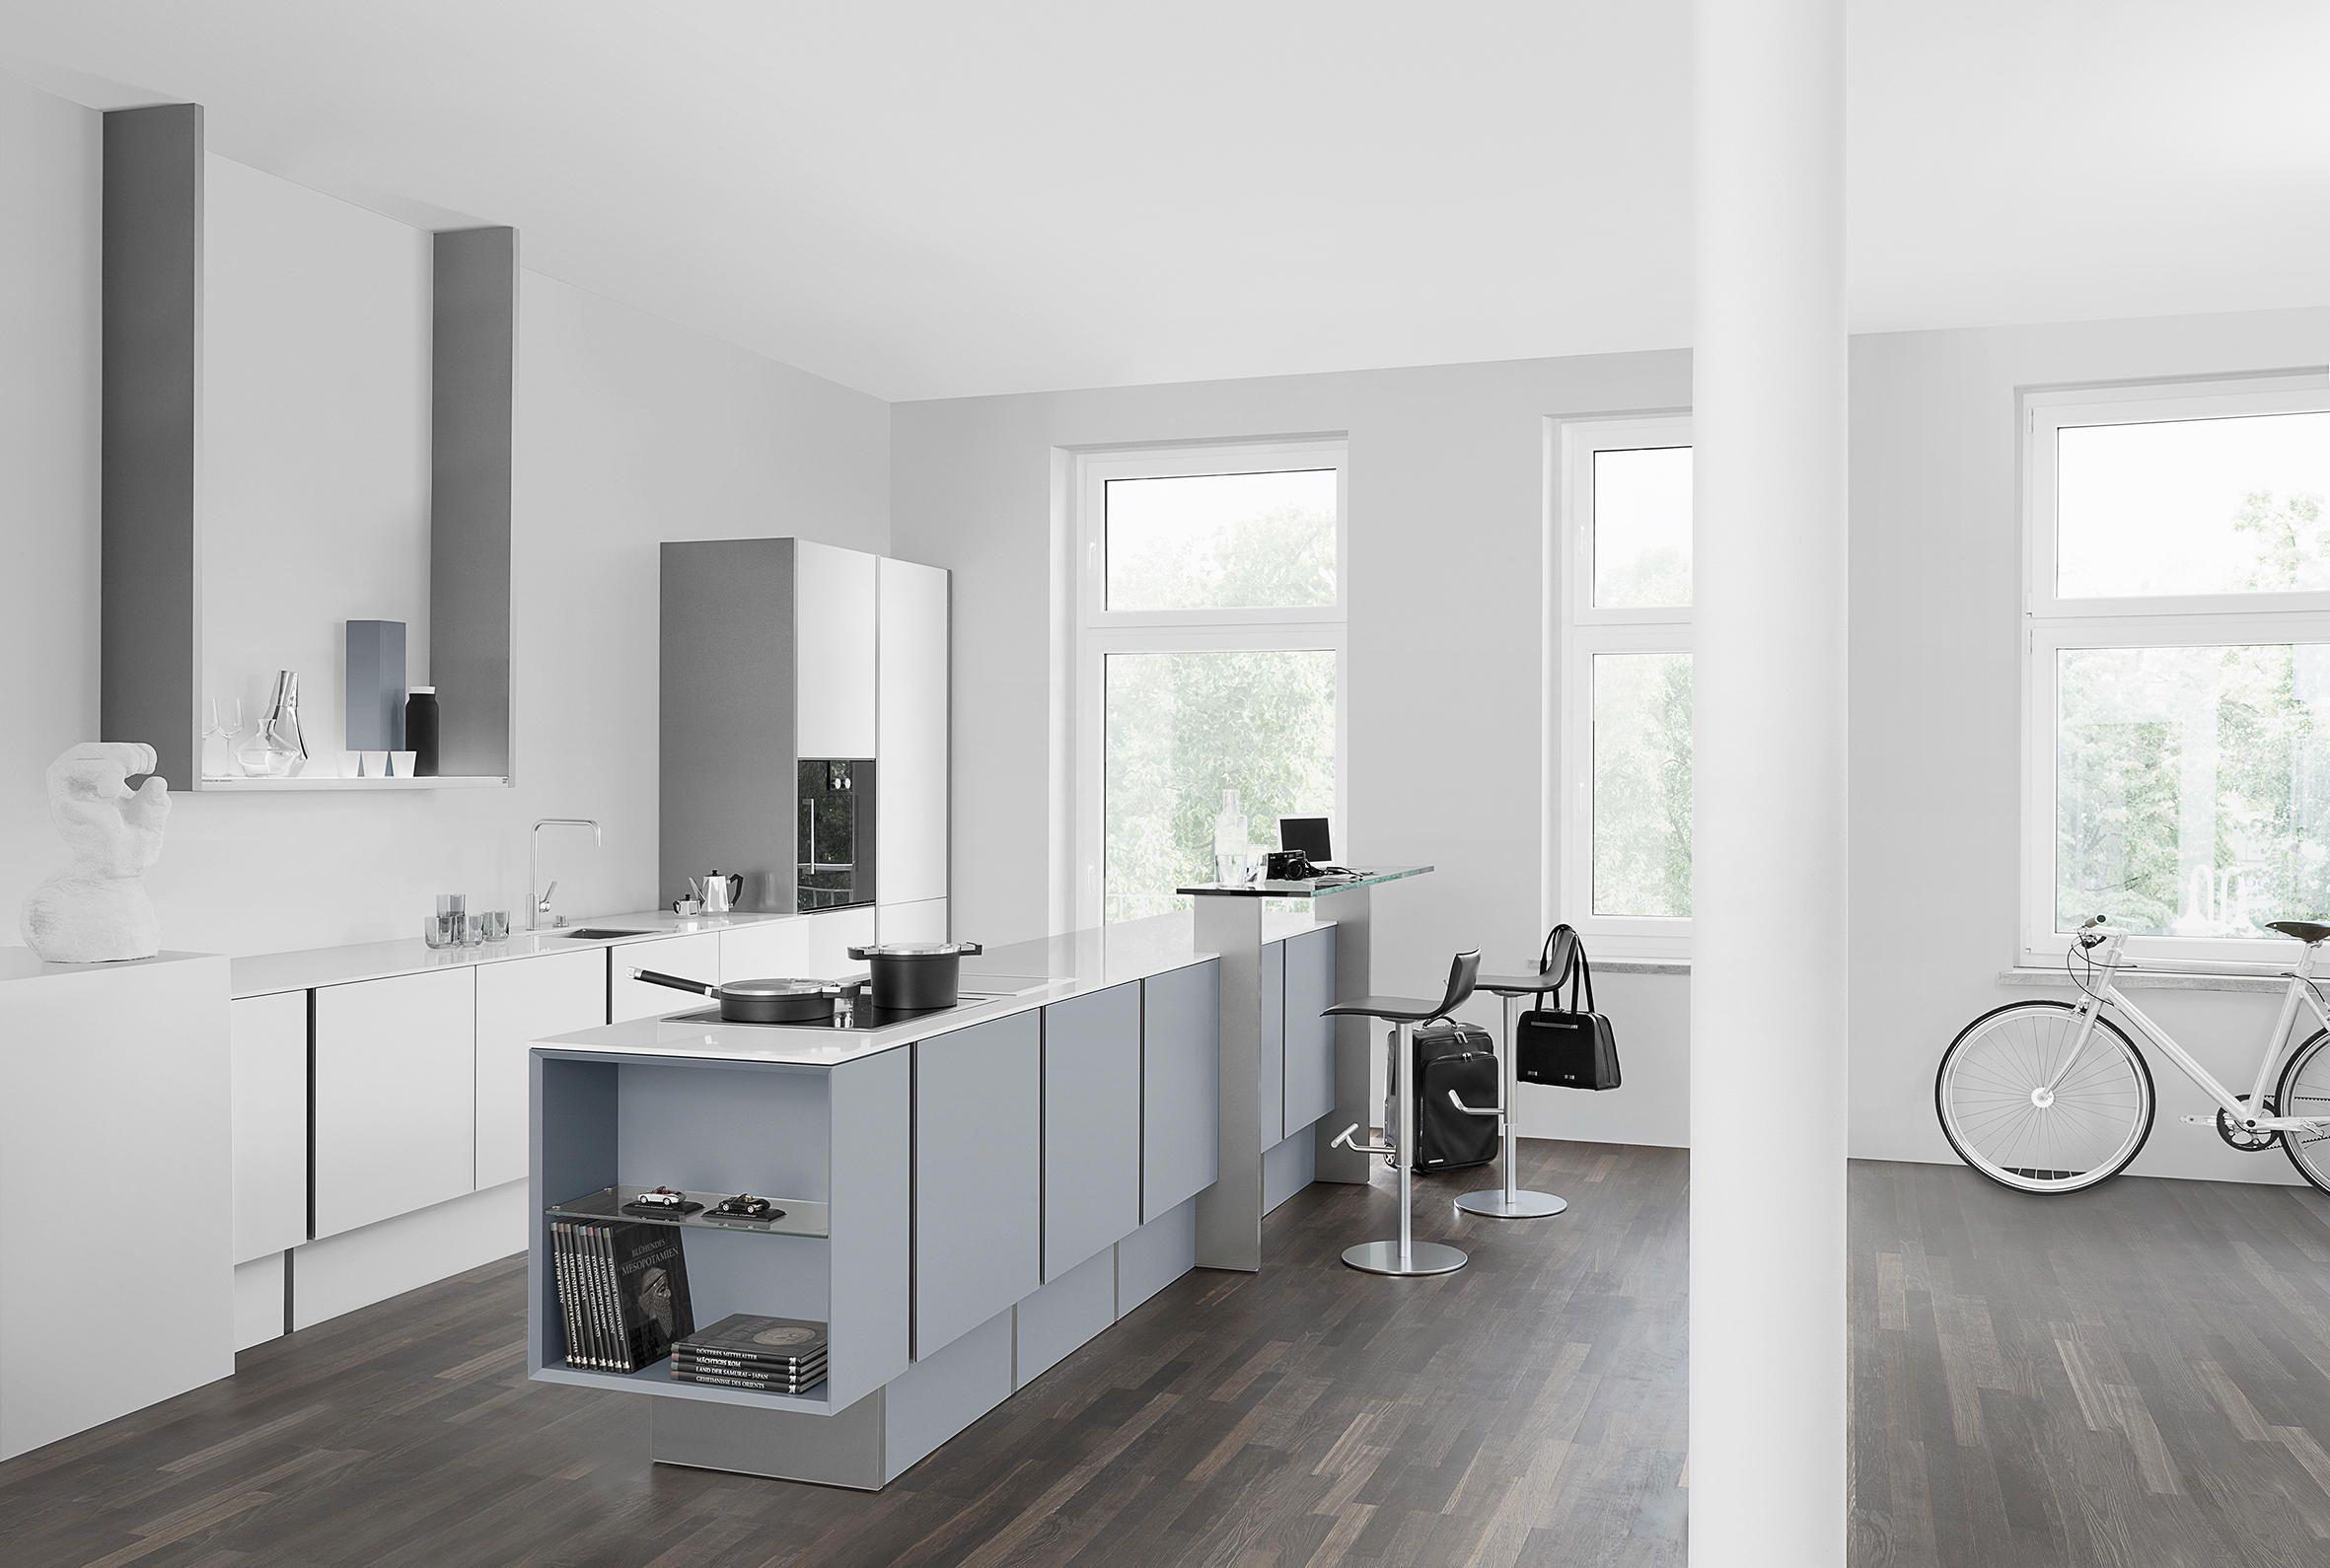 poggenpohl revolutioniert die klassische linienführung p`7350 ... - Porsche Design Küchengeräte